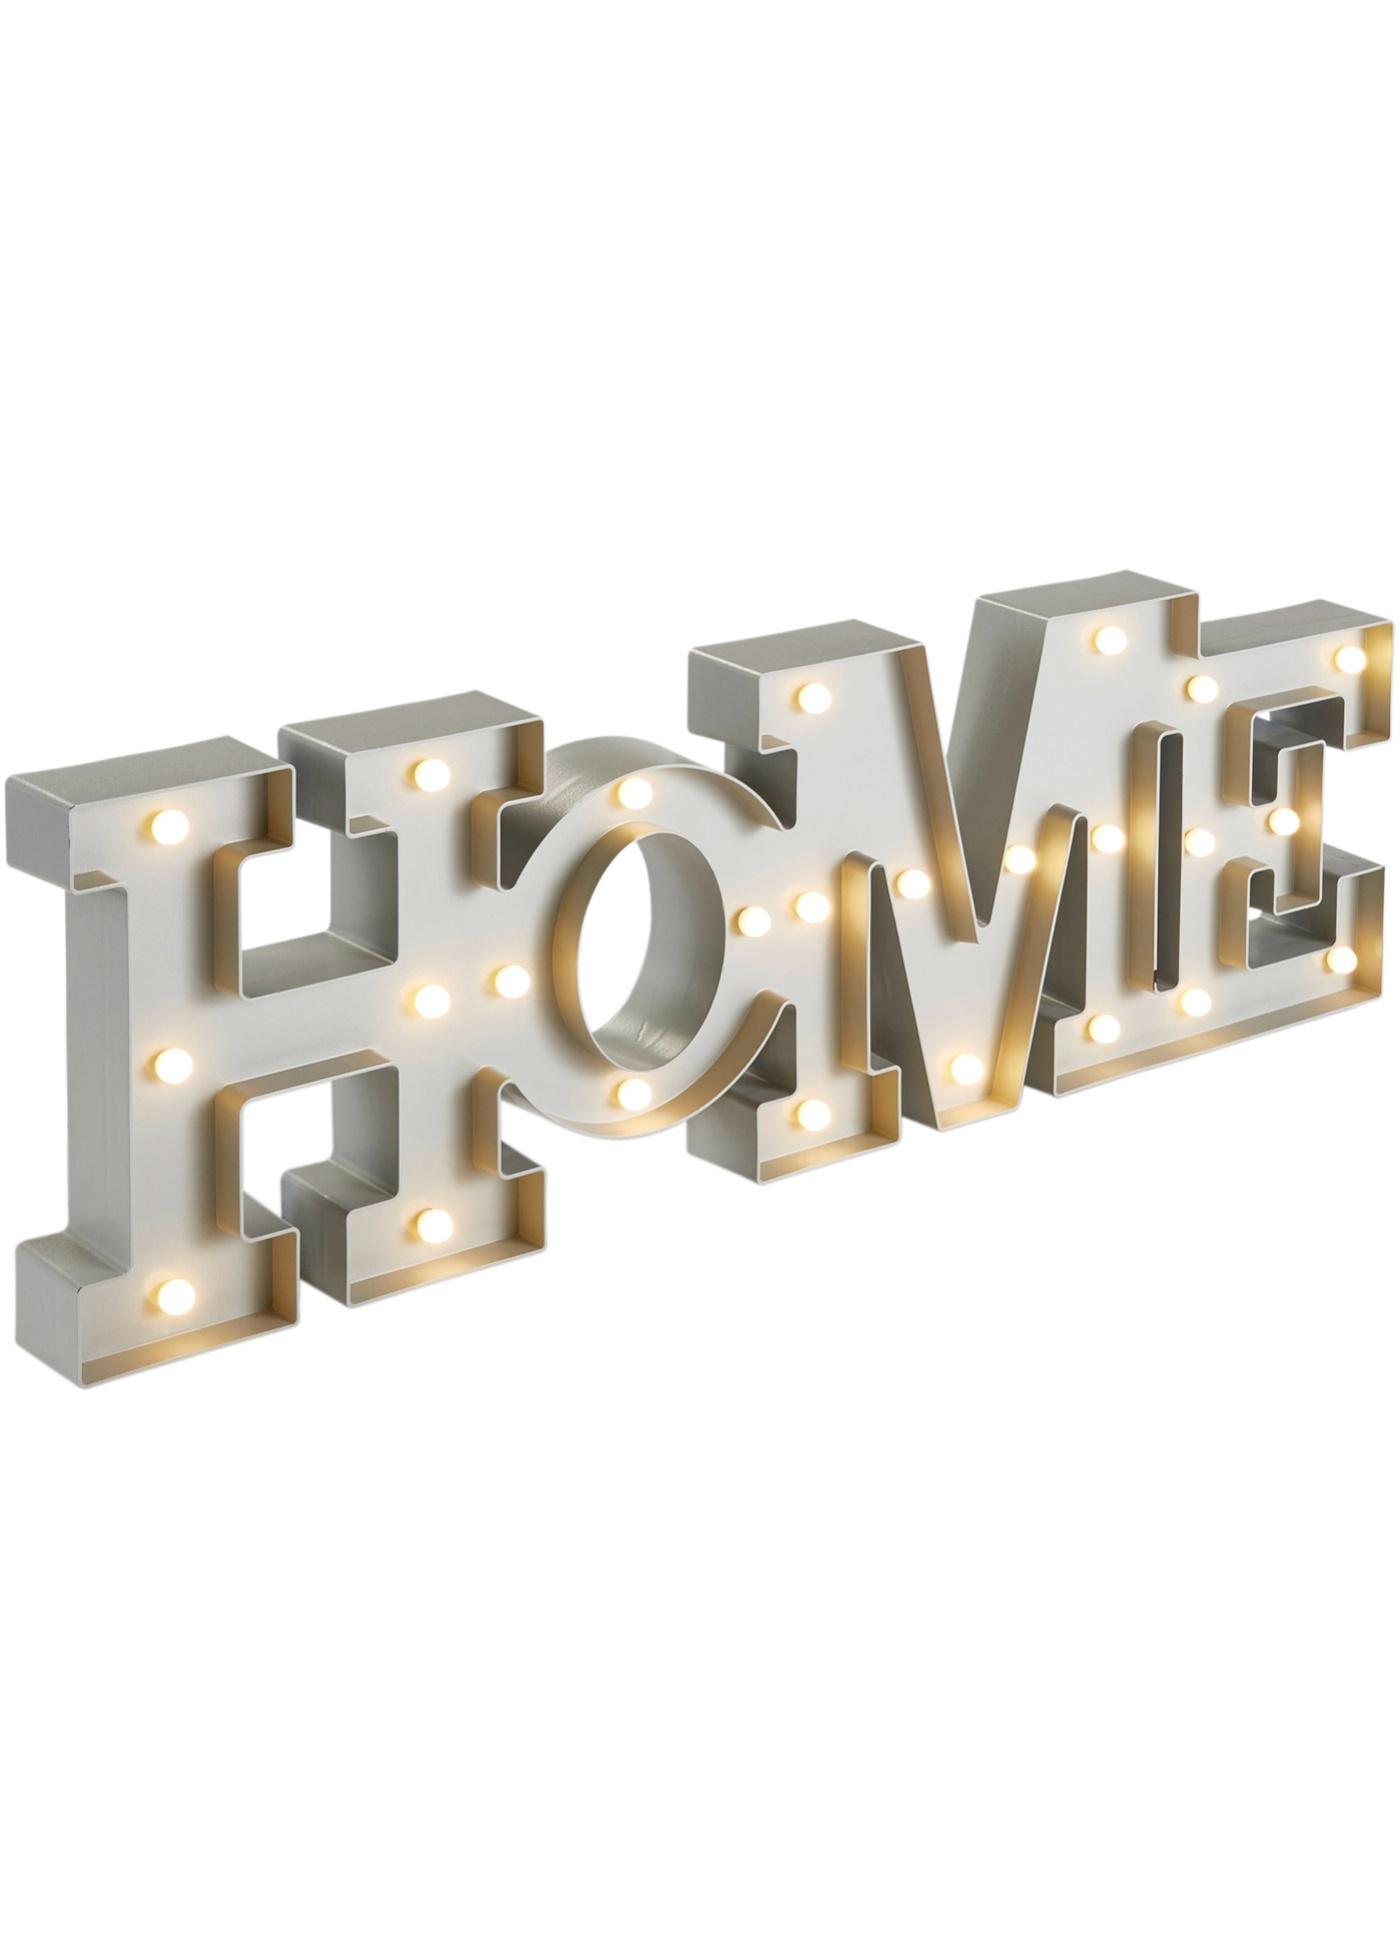 Inscription à LED Home